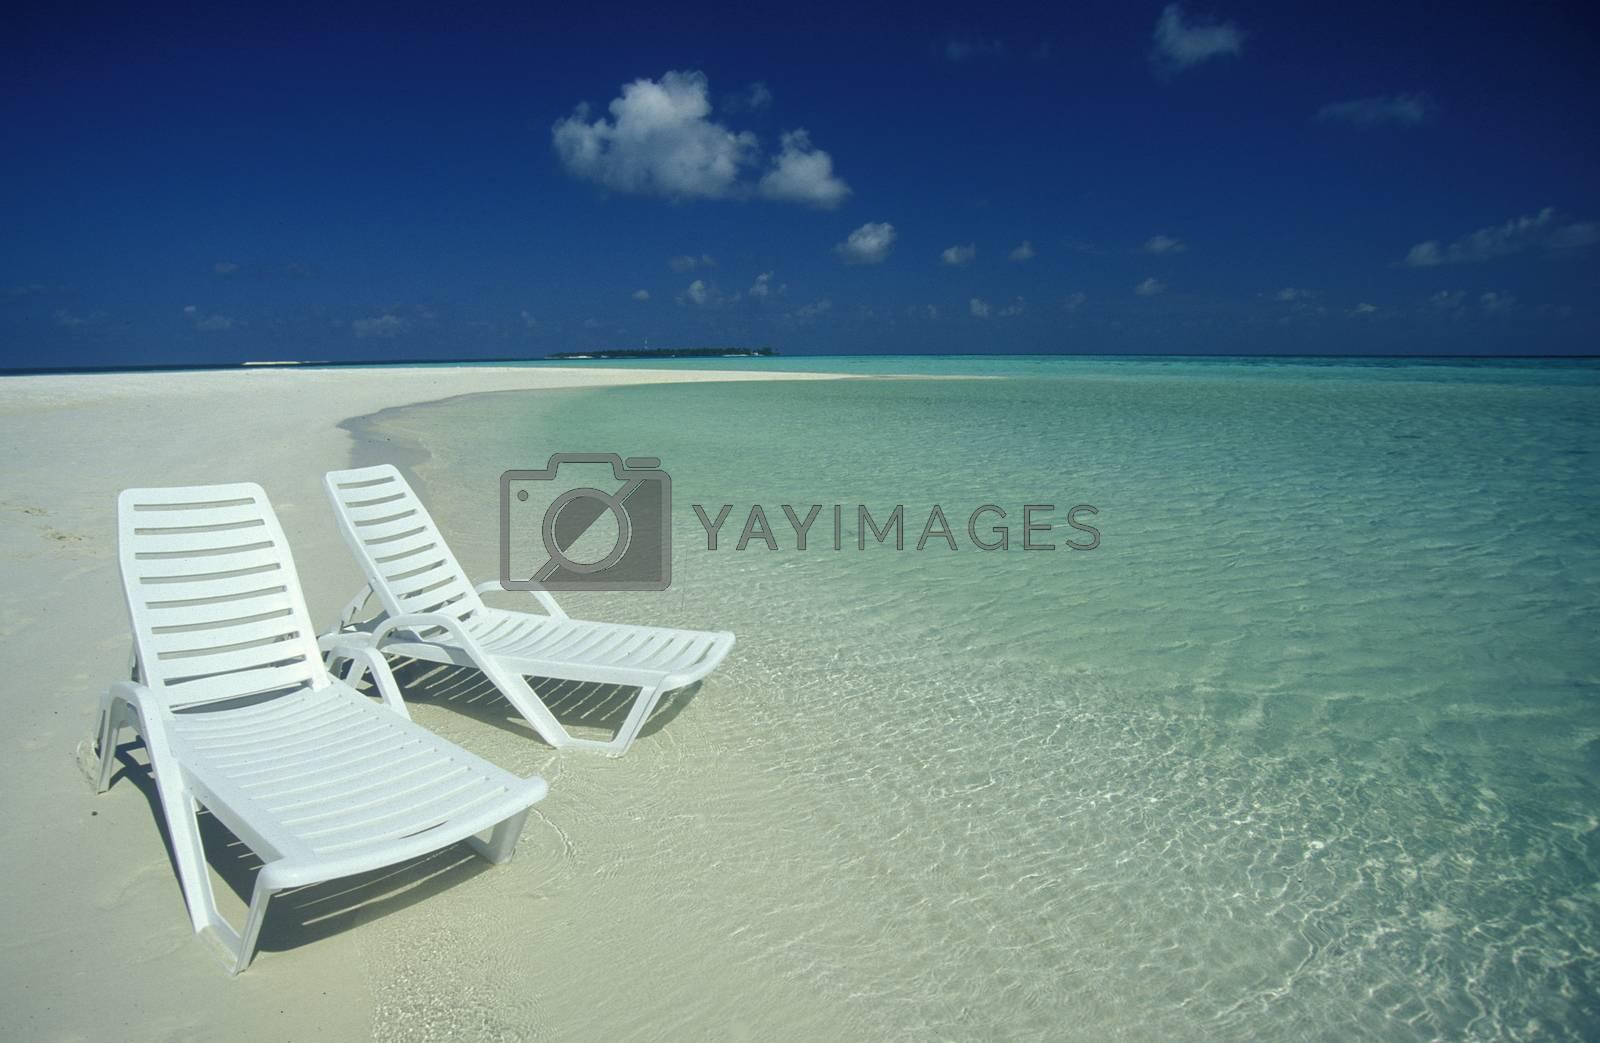 Der Traumstrand mit Palmen und weissem Sand an der Insel Velavaru im Southmale Atoll auf den Inseln der Malediven im Indischen Ozean.